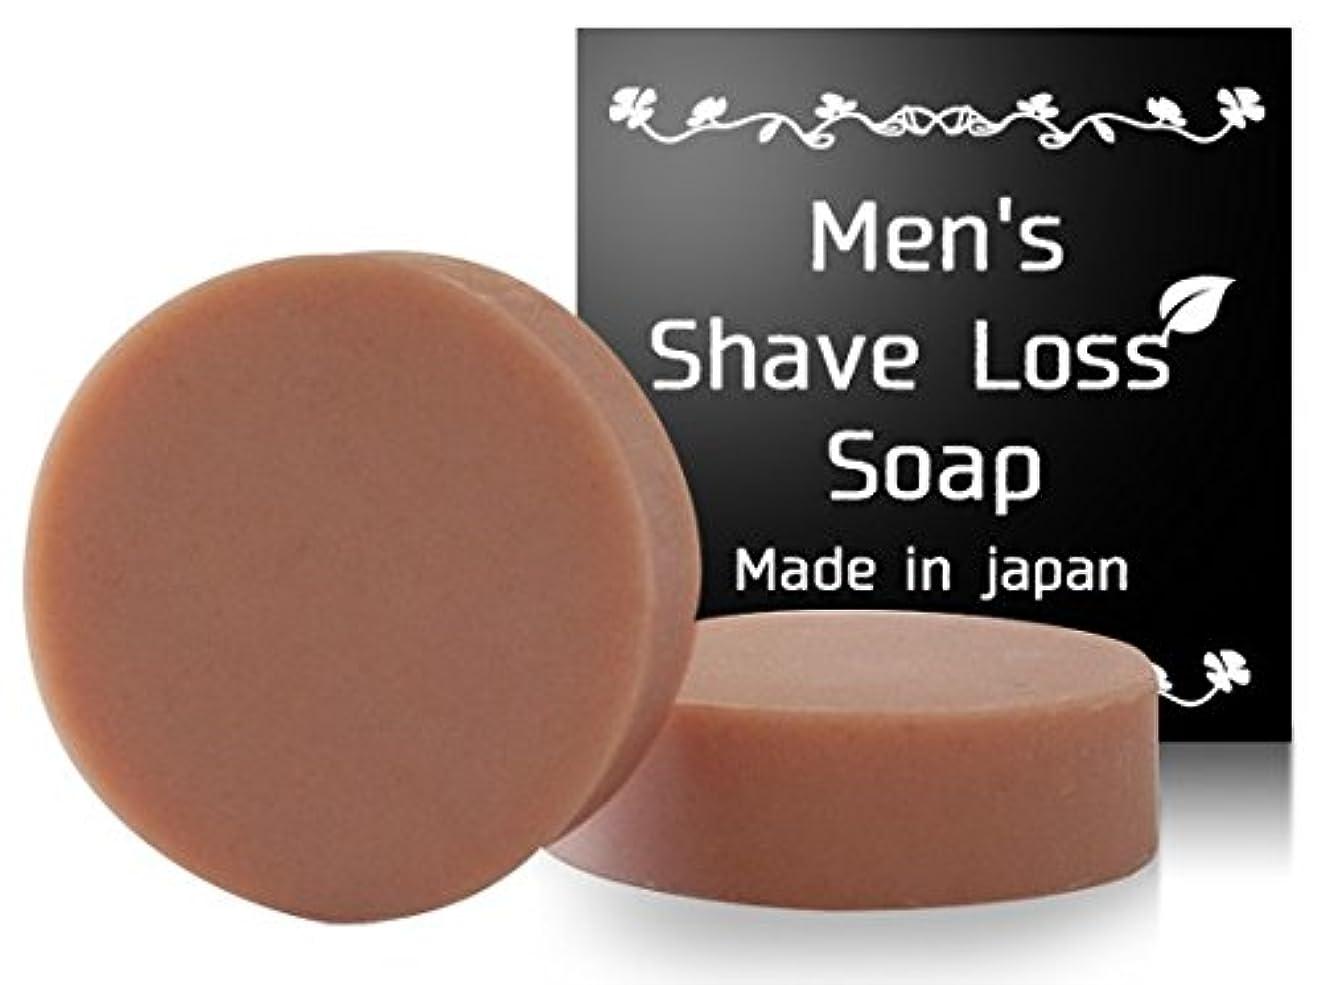 飼料愛情再撮りMens Shave Loss Soap シェーブロス 剛毛は嫌!ツルツル過ぎも嫌! そんな夢を叶えた奇跡の石鹸! 【男性専用】(1個)